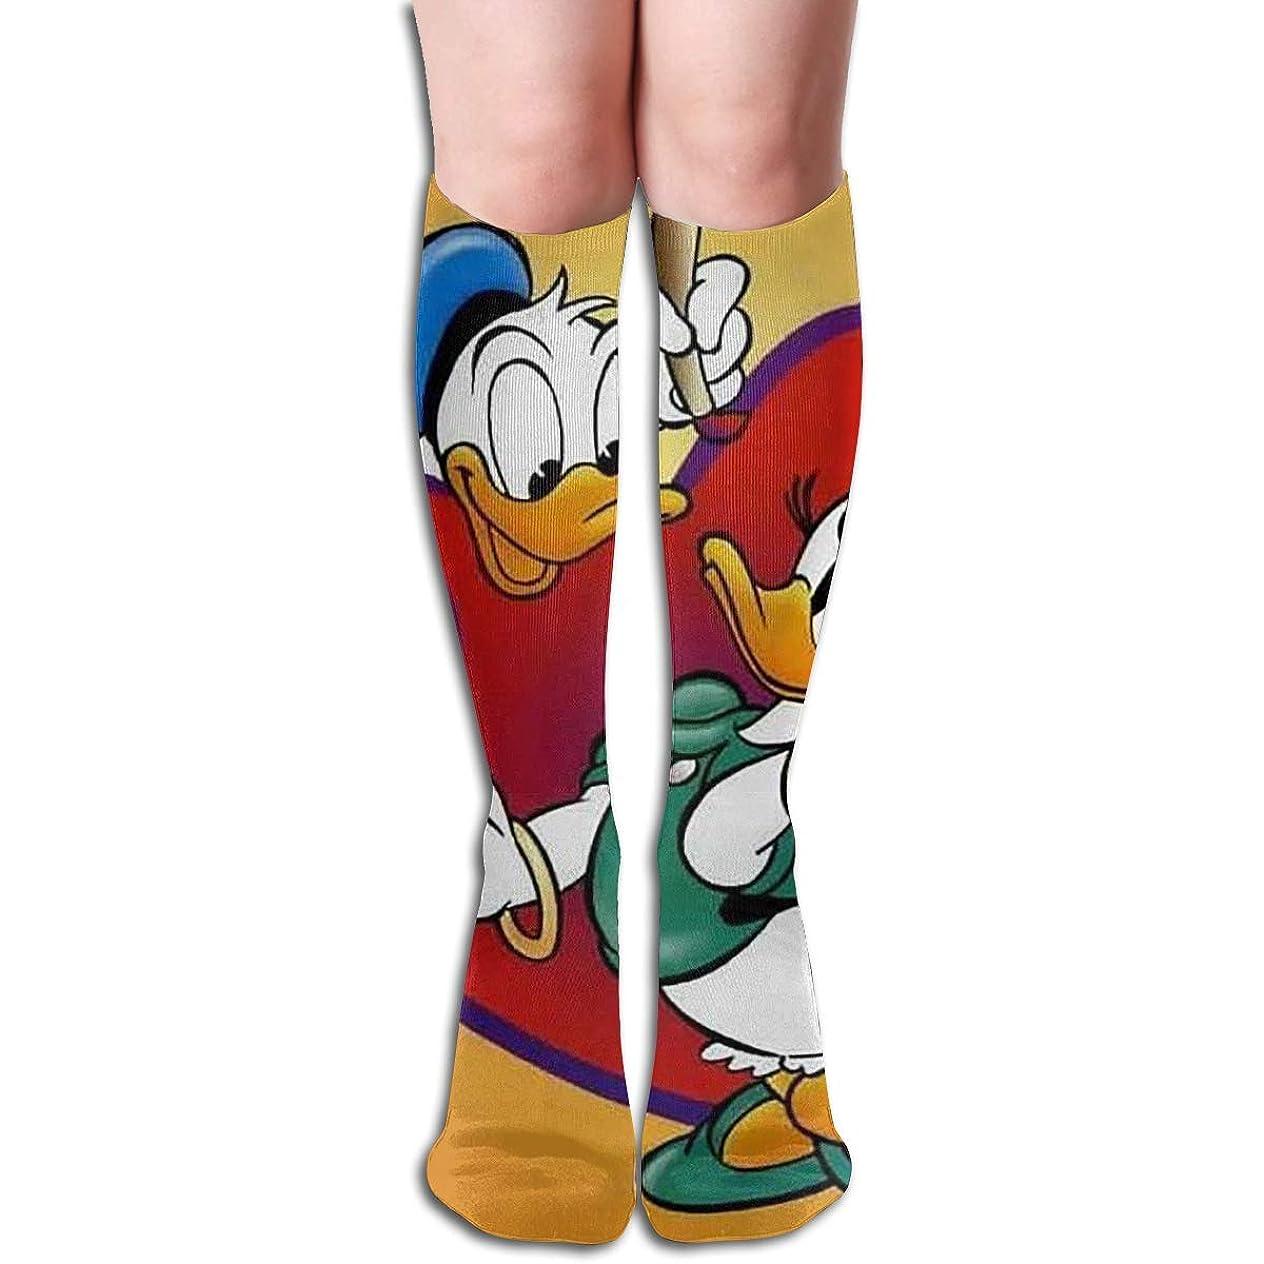 高速道路マイルストーンアーティキュレーションチューブのストッキングは、女性のウィンター暖かい膝ハイソックスブーツ靴下を愛する